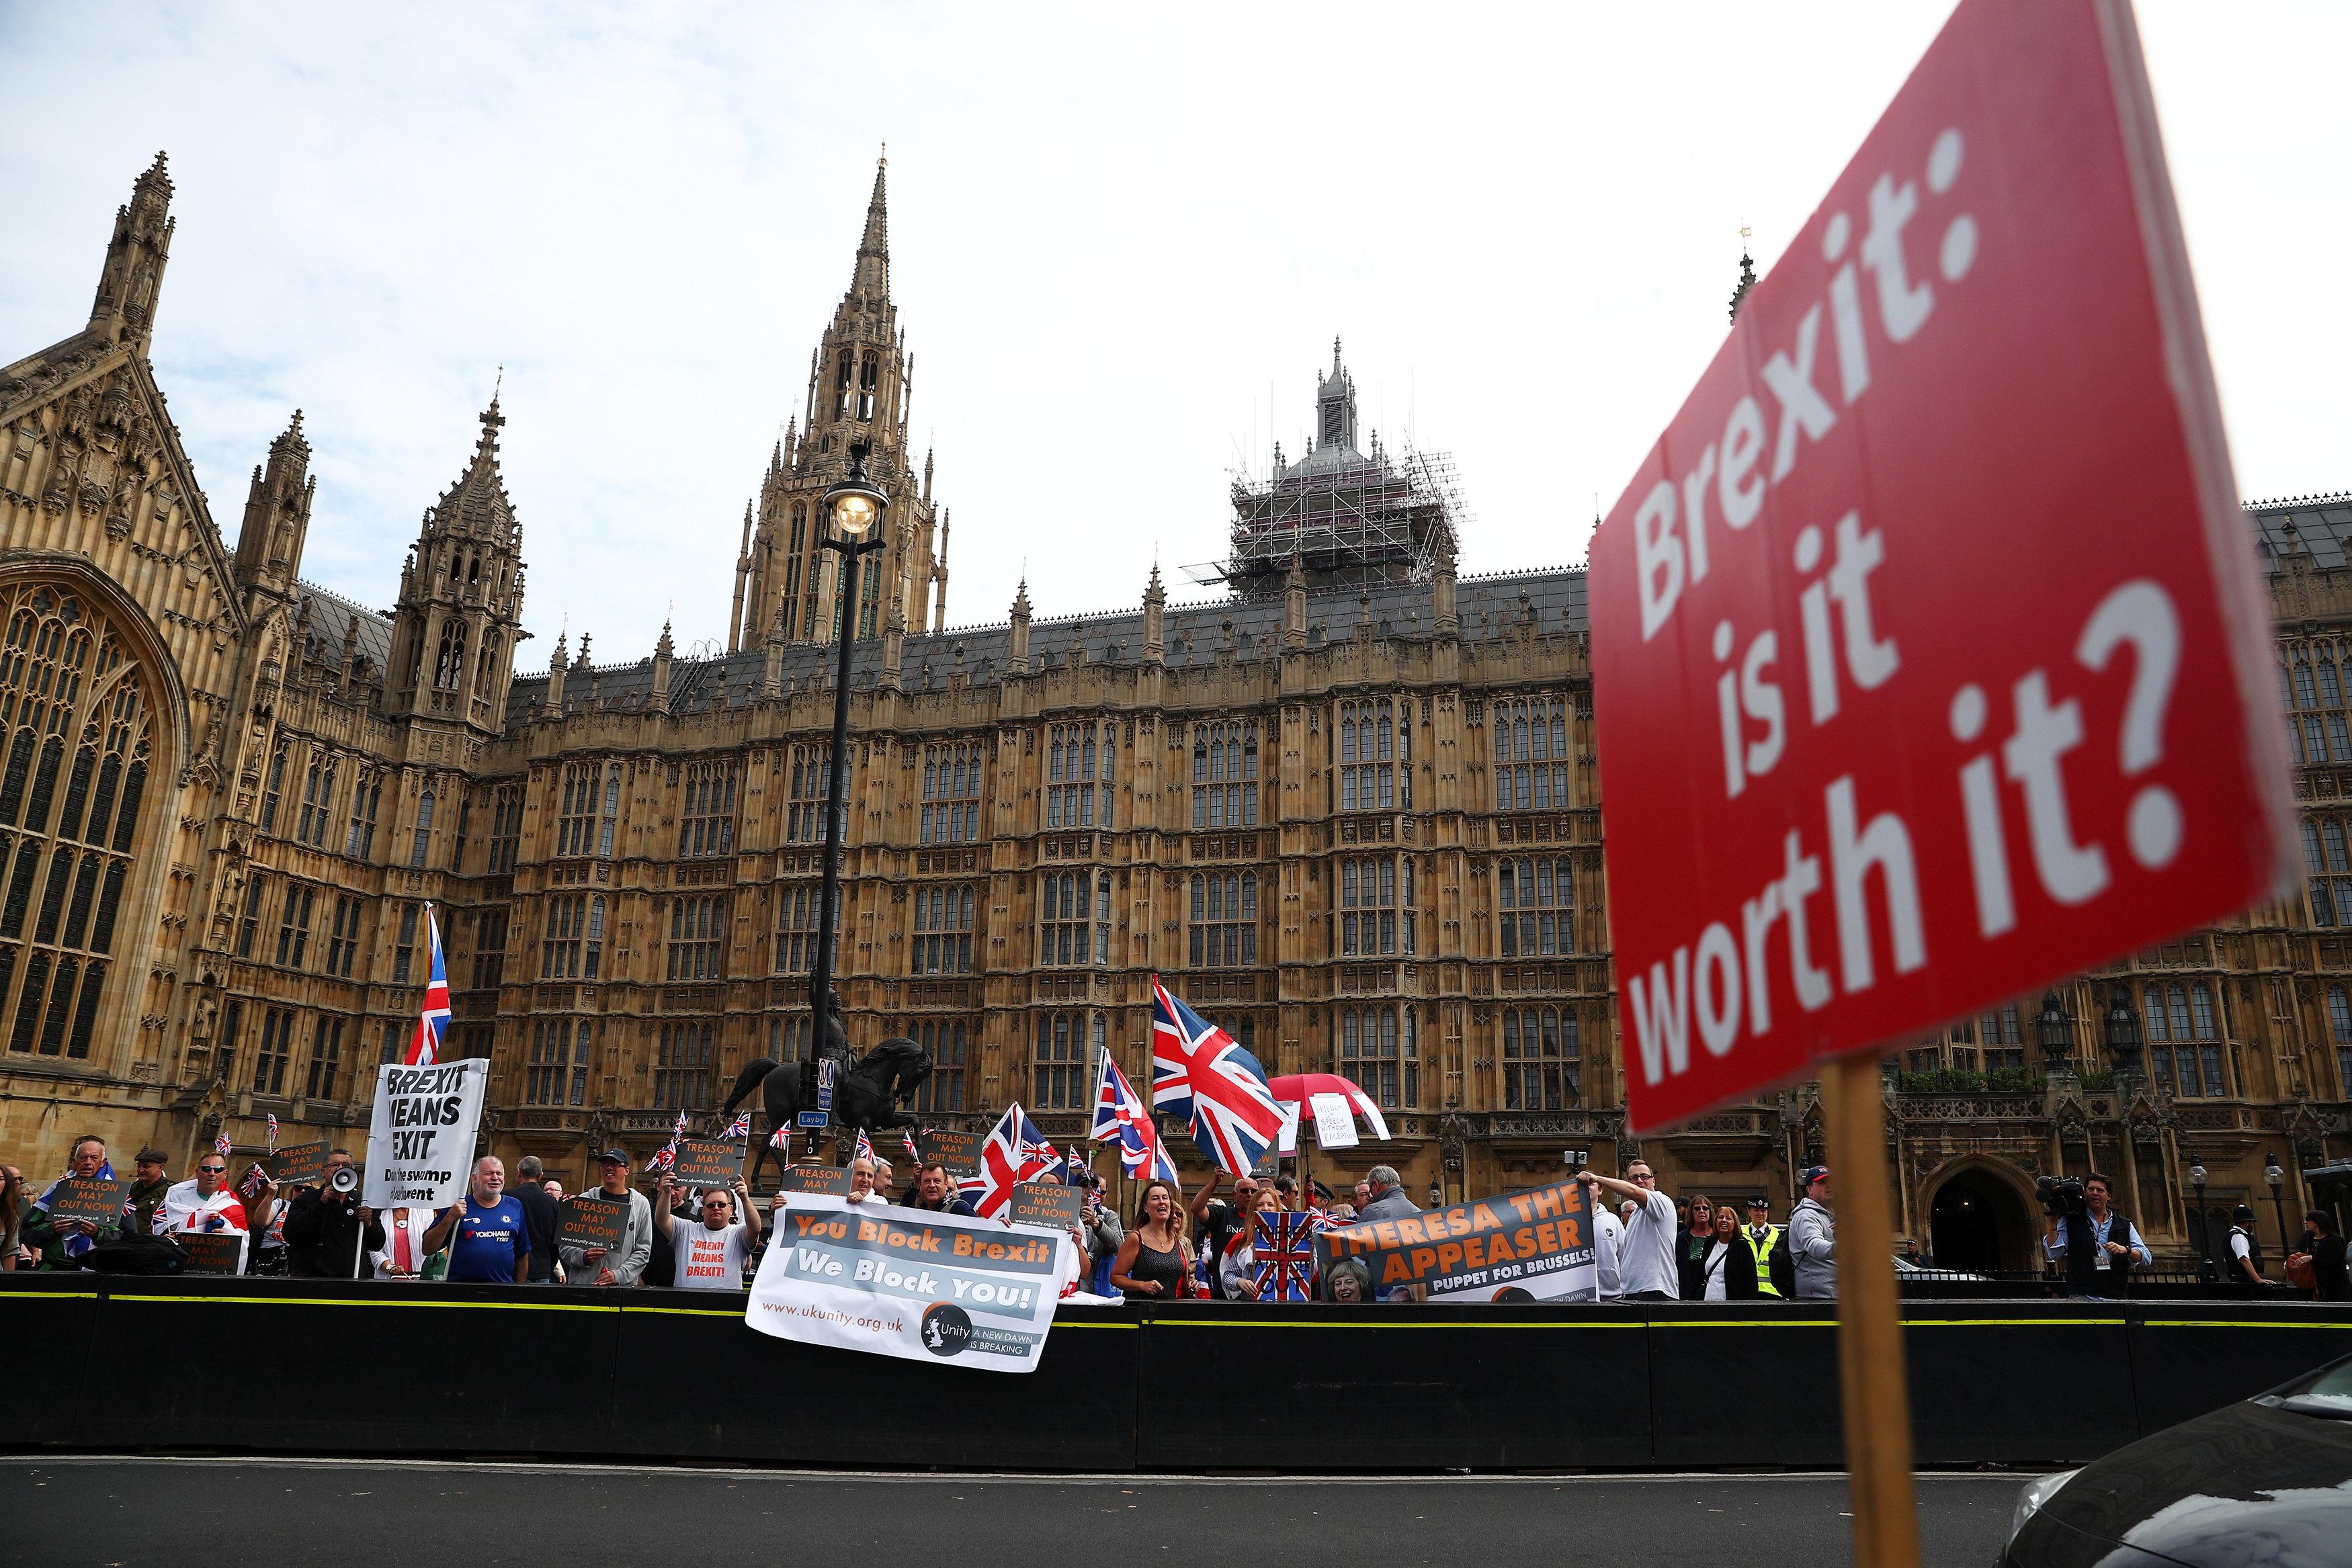 المعارضون والمؤيدون للاتحاد الأوروبى اتفقا على انتقاد ماى